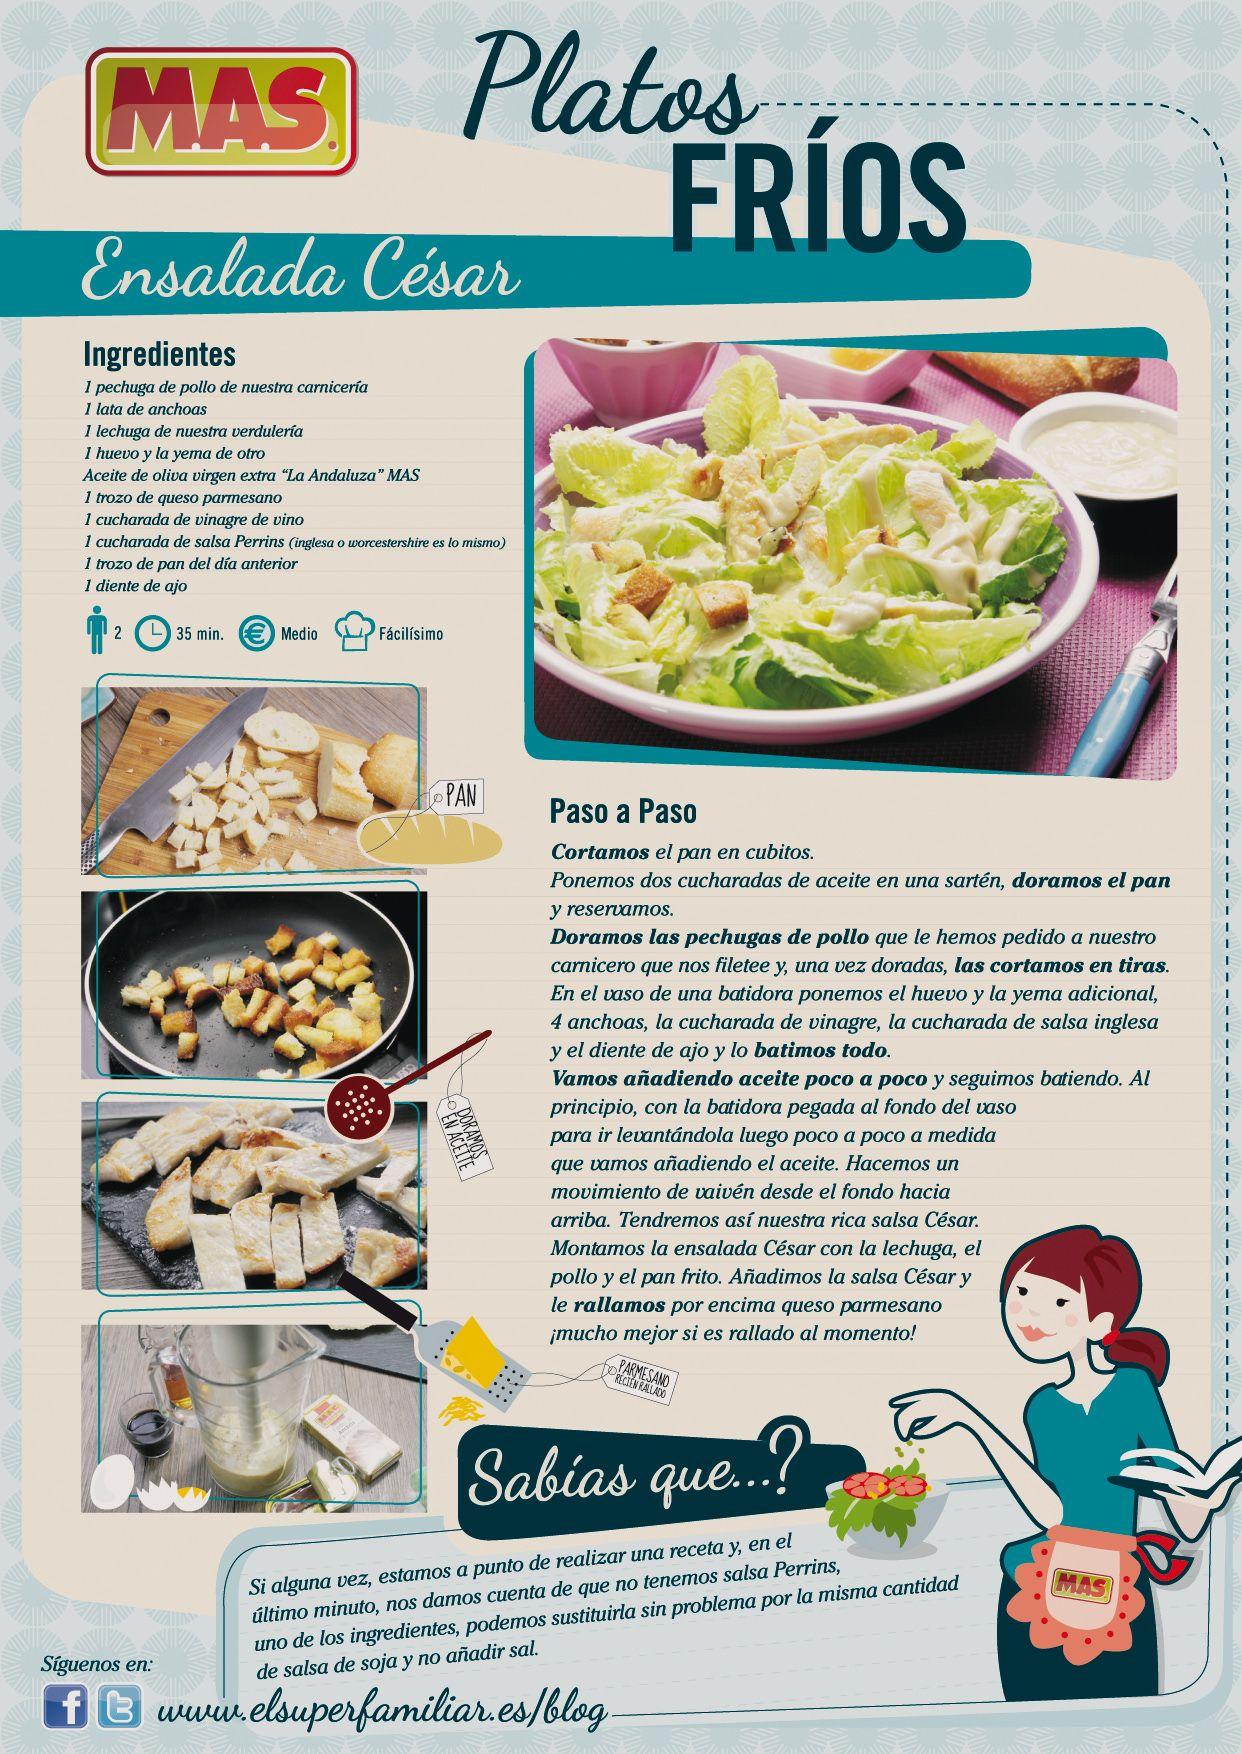 Receta ensalada csar ilustrada eso si cuidar las porciones del food ideas receta ensalada csar ilustrada eso si cuidar las porciones del aderezo forumfinder Choice Image